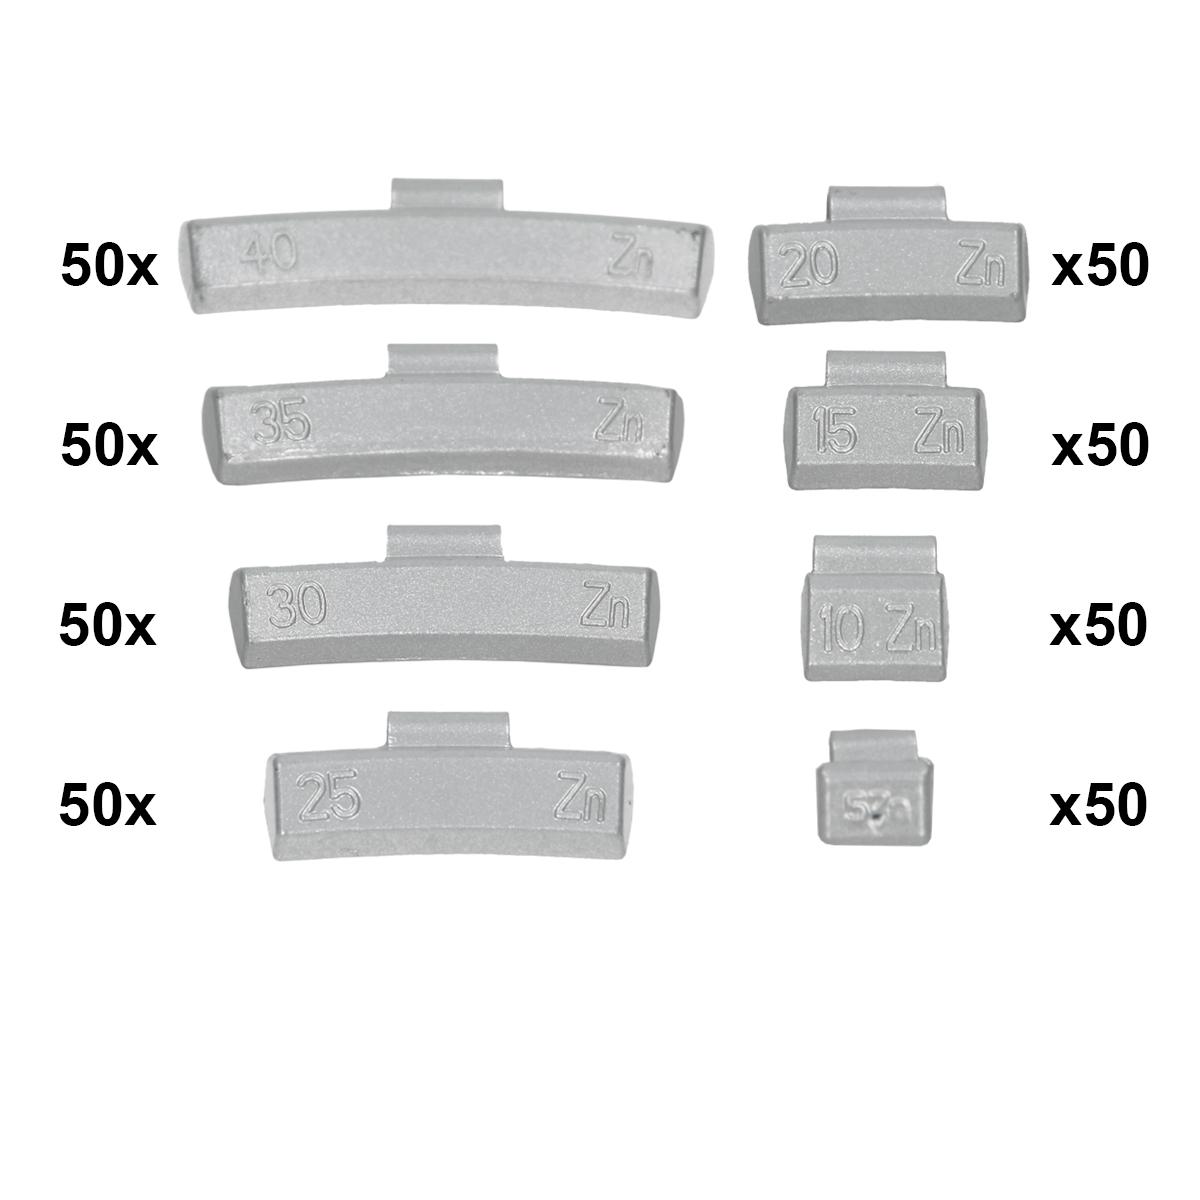 set poids impact quilibrage adh sives roue extracteur soupape cl grattoir ebay. Black Bedroom Furniture Sets. Home Design Ideas